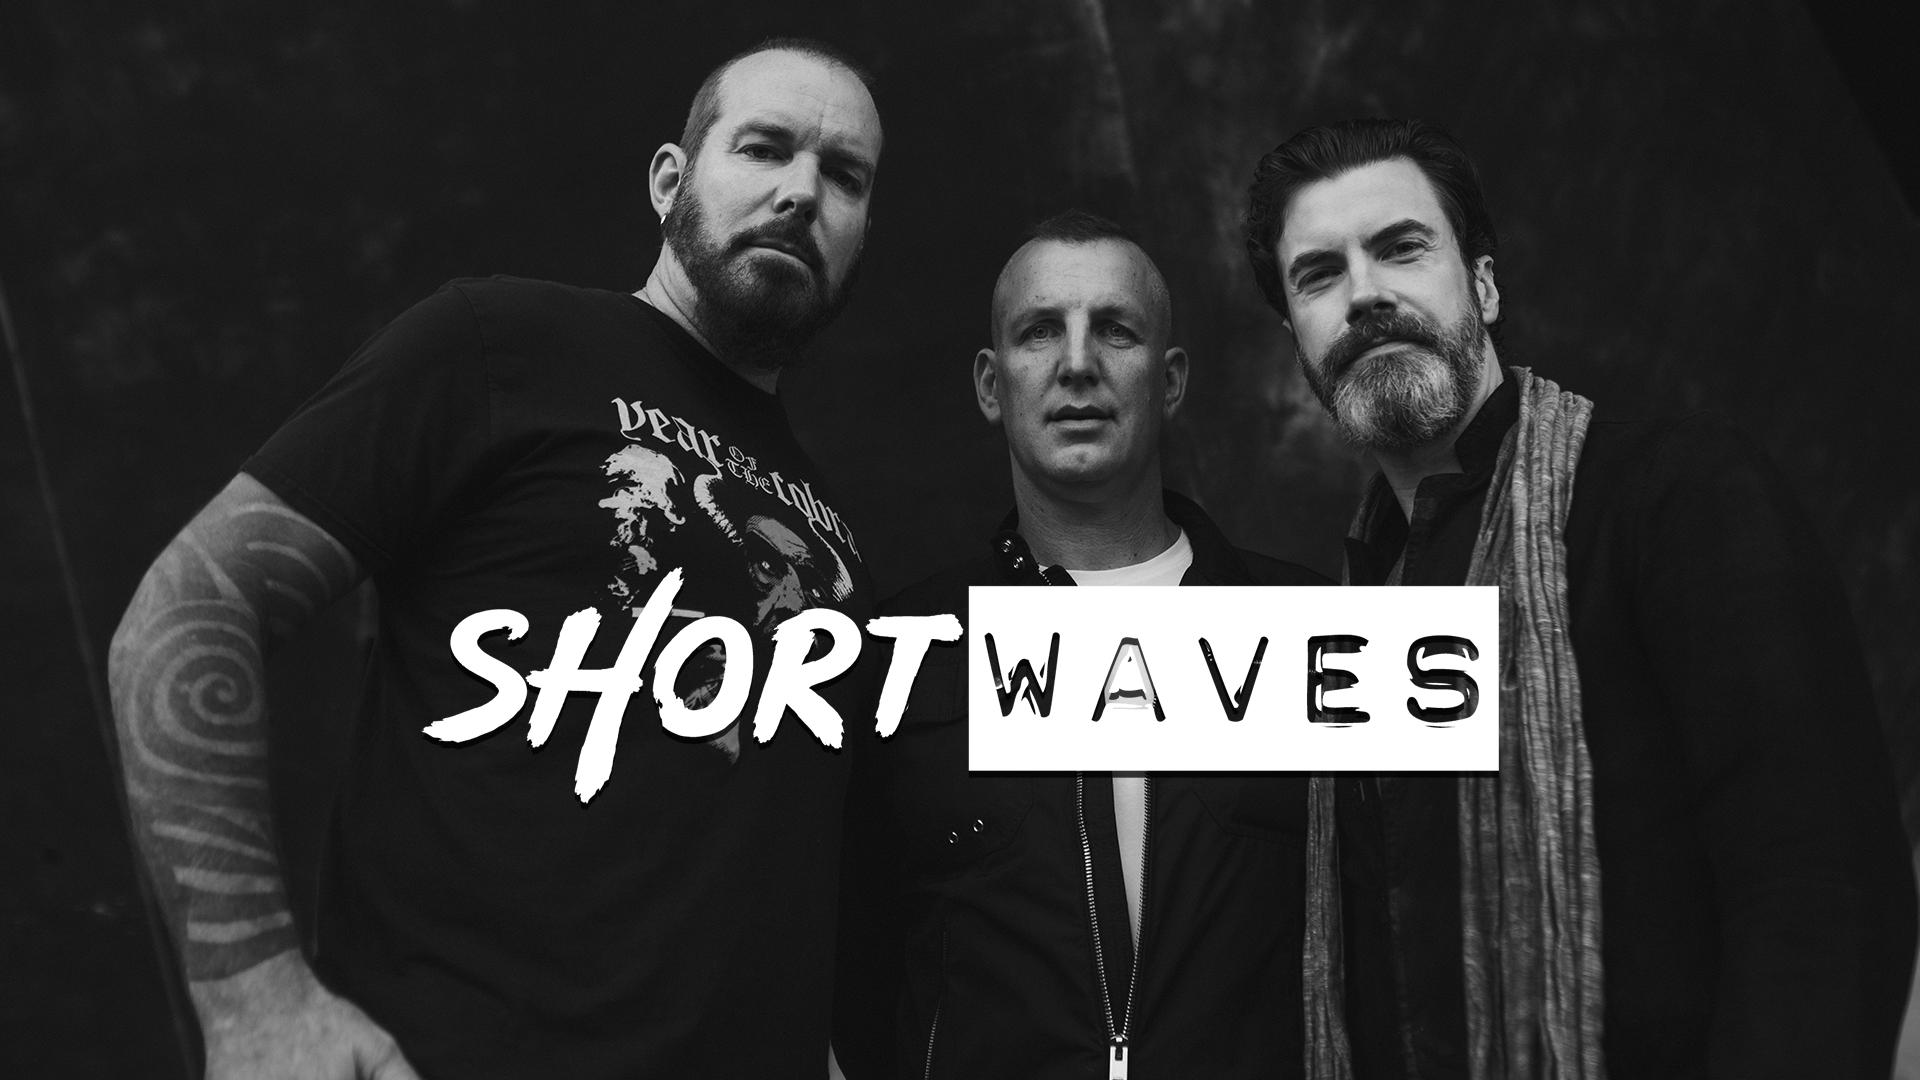 Watch Shortwaves #1 – Monte Casino